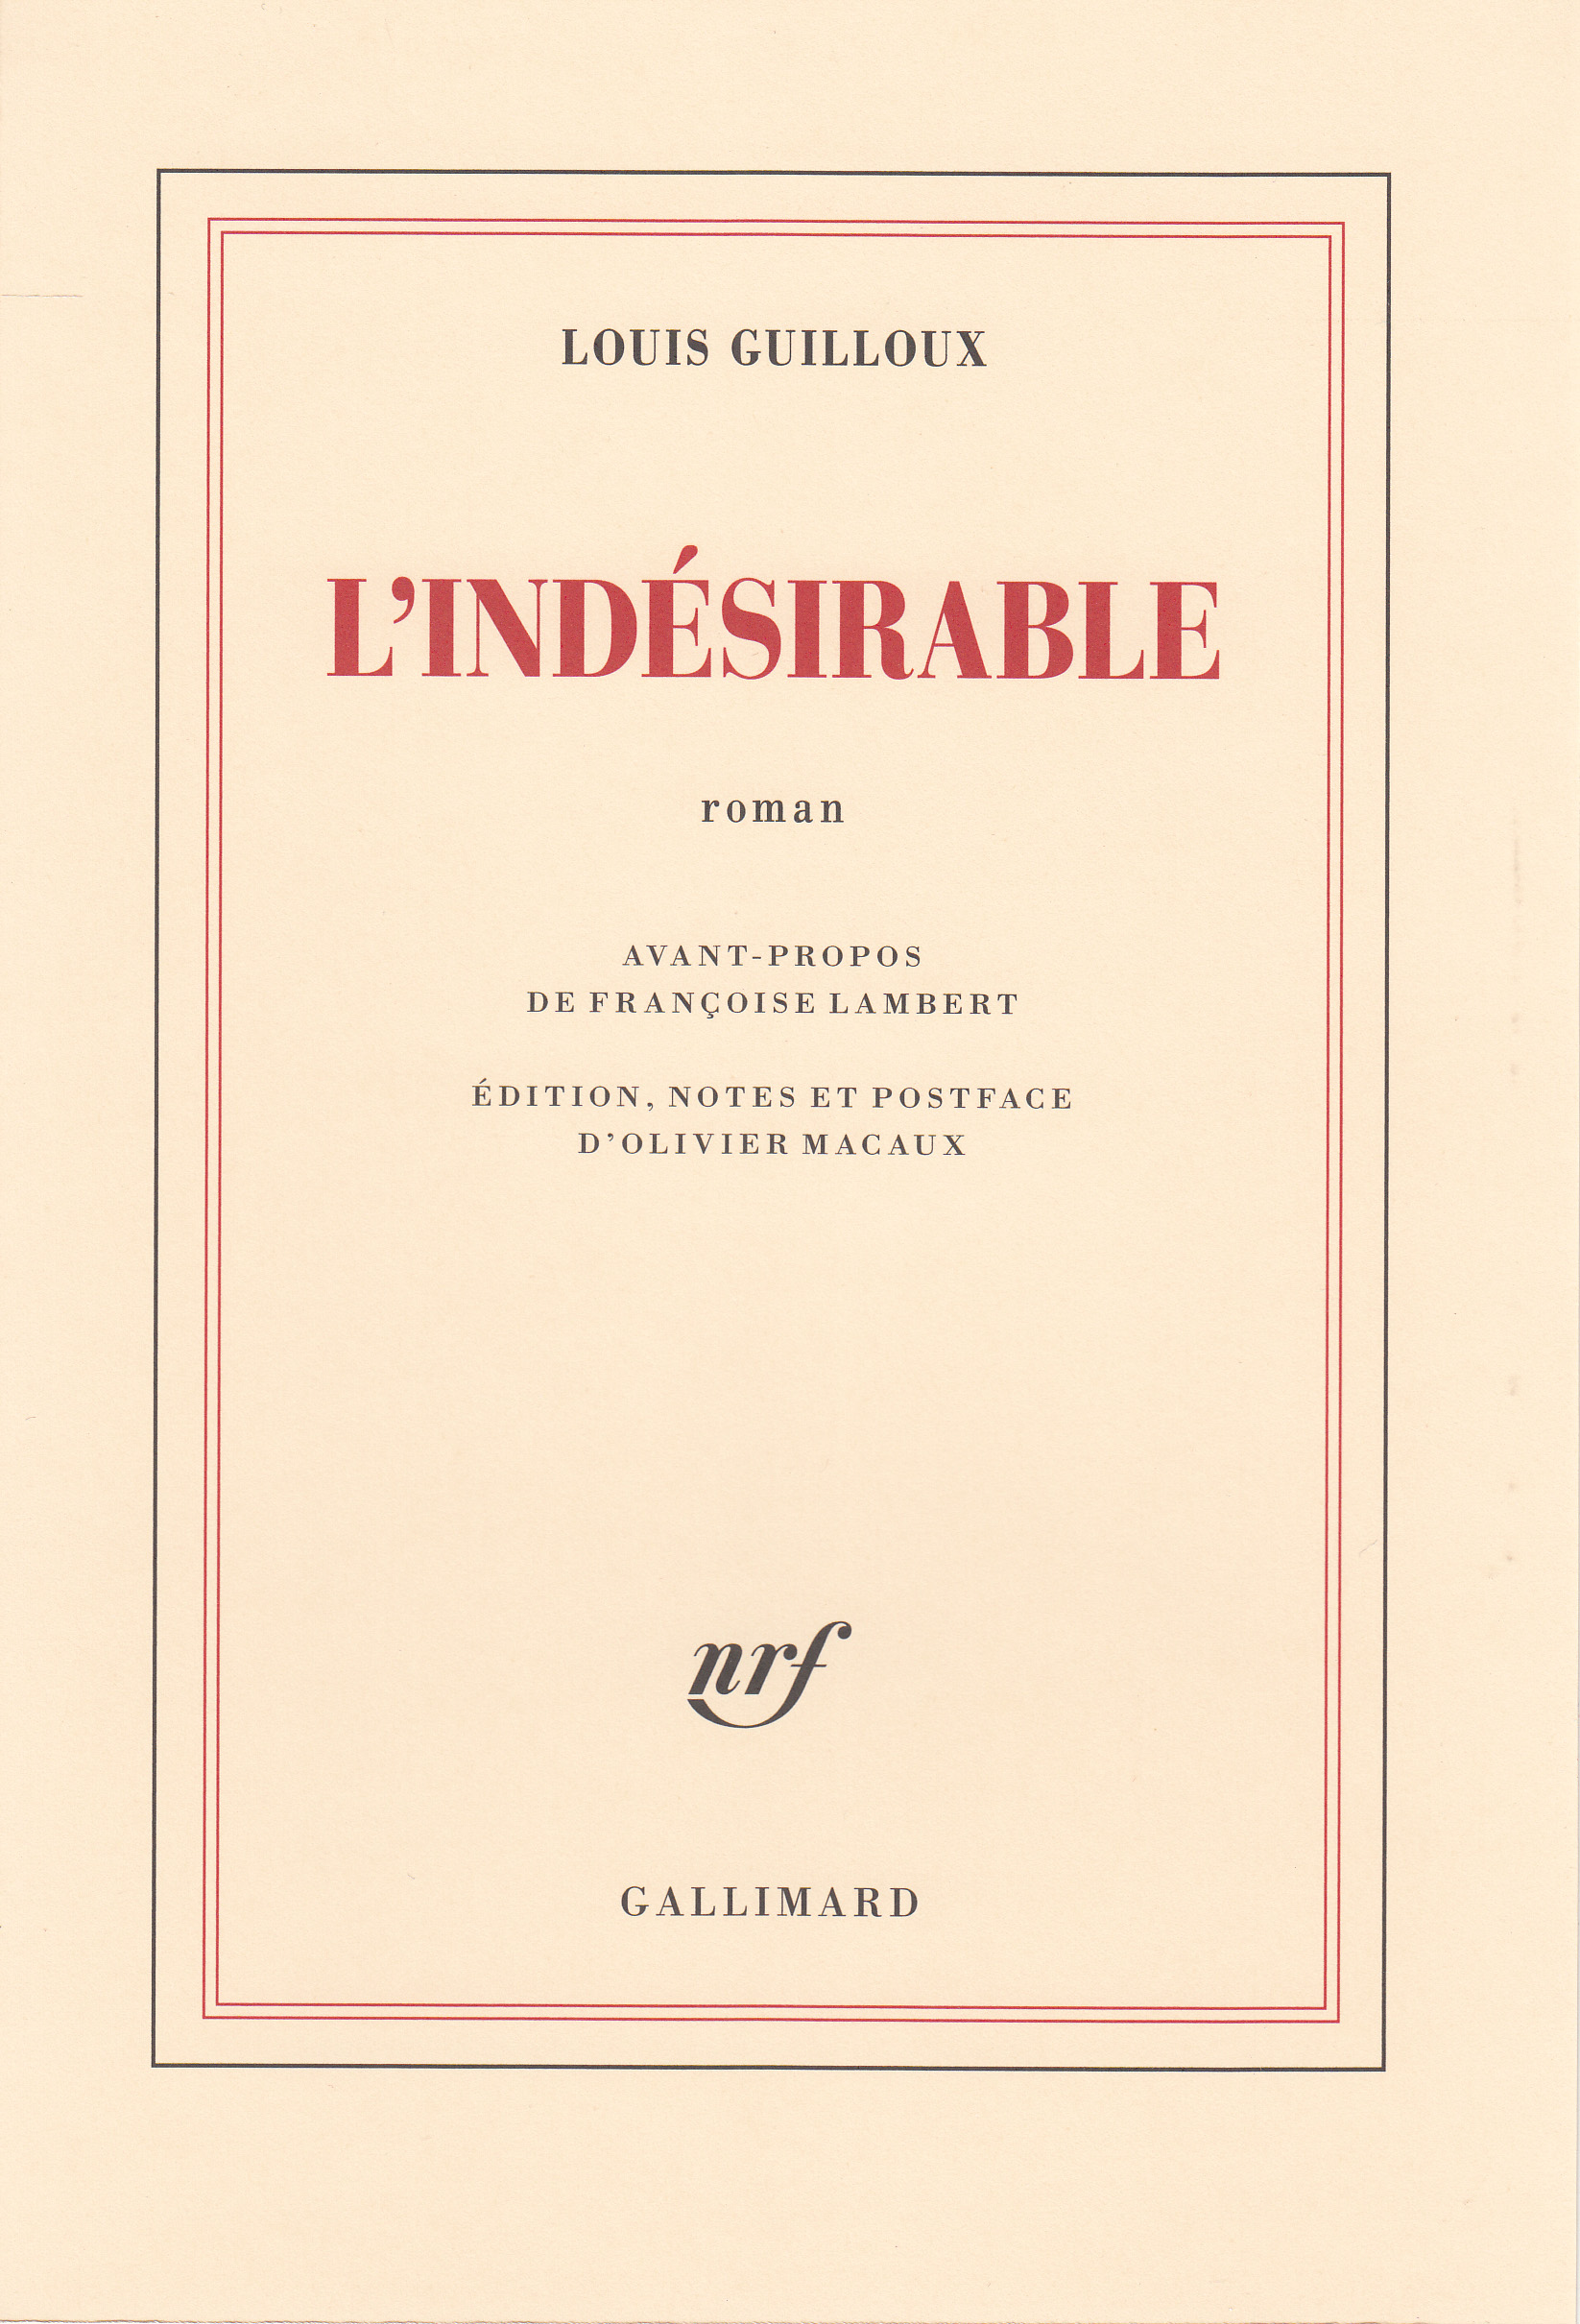 L. Guilloux, L'Indésirable (1923, inédit)